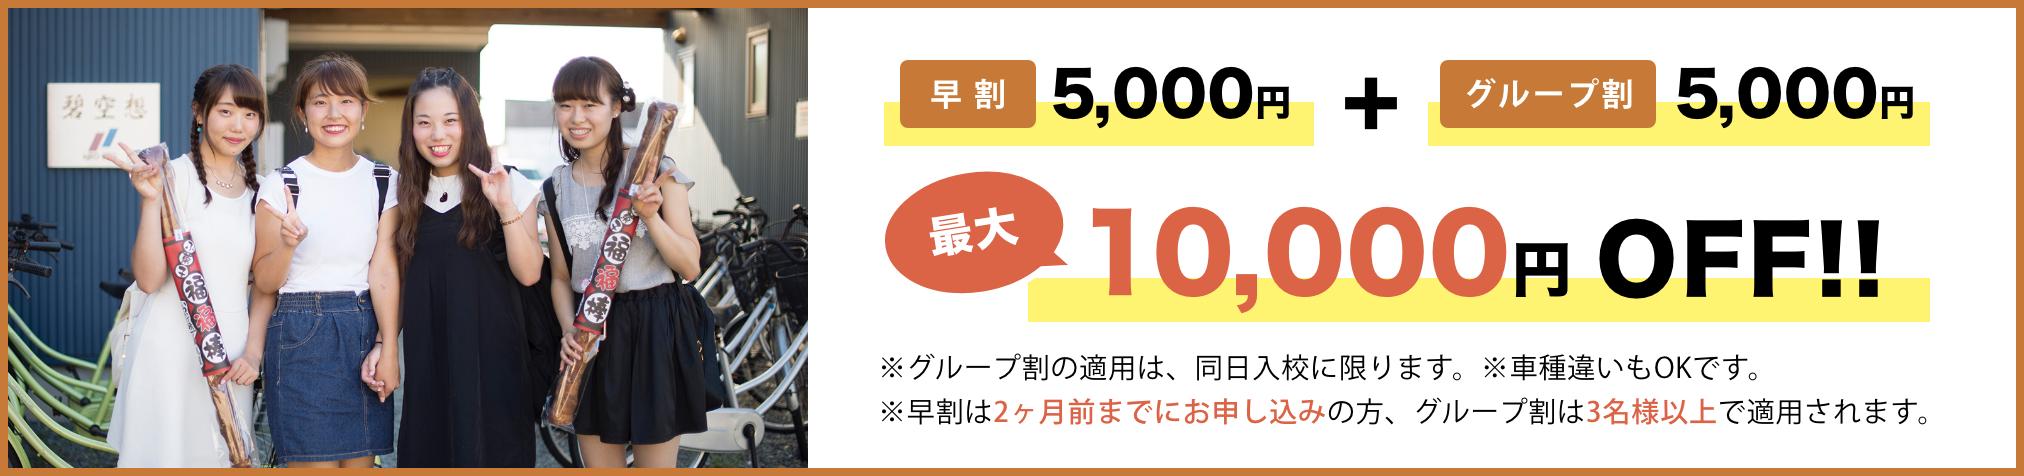 3名以上のお申し込みでグループ割!お一人様5,000円OFF!!ただし同日入校に限ります。車種違いもOK!